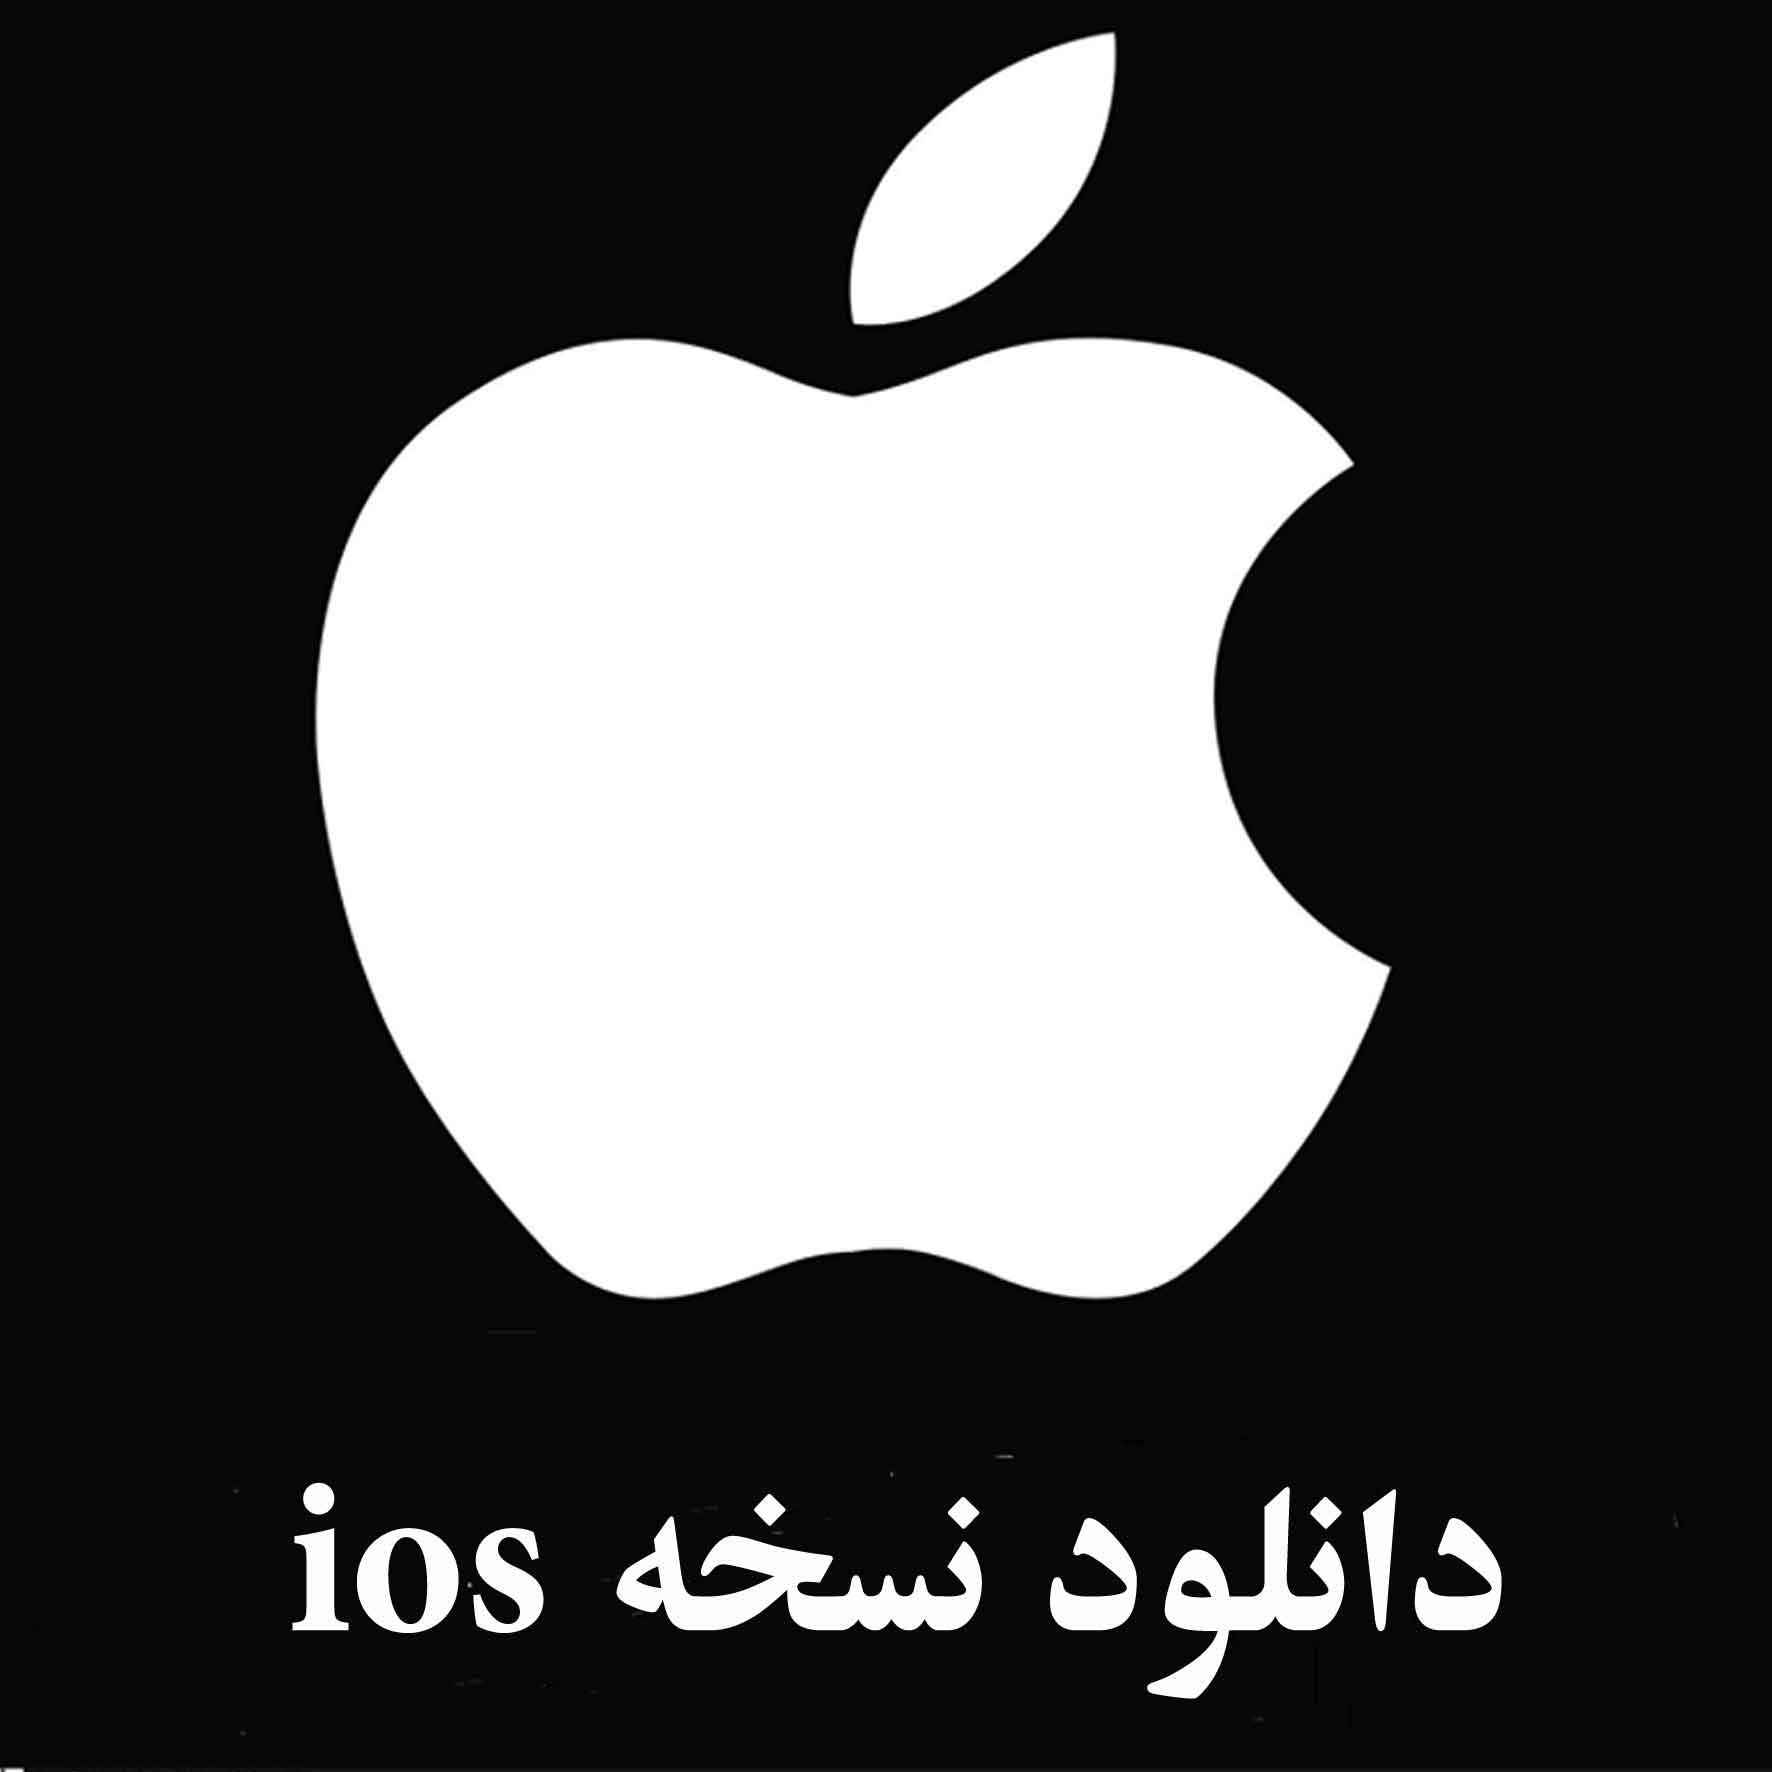 دانلود نسخه ios - فروشگاه اینترنتی فندک مارکت